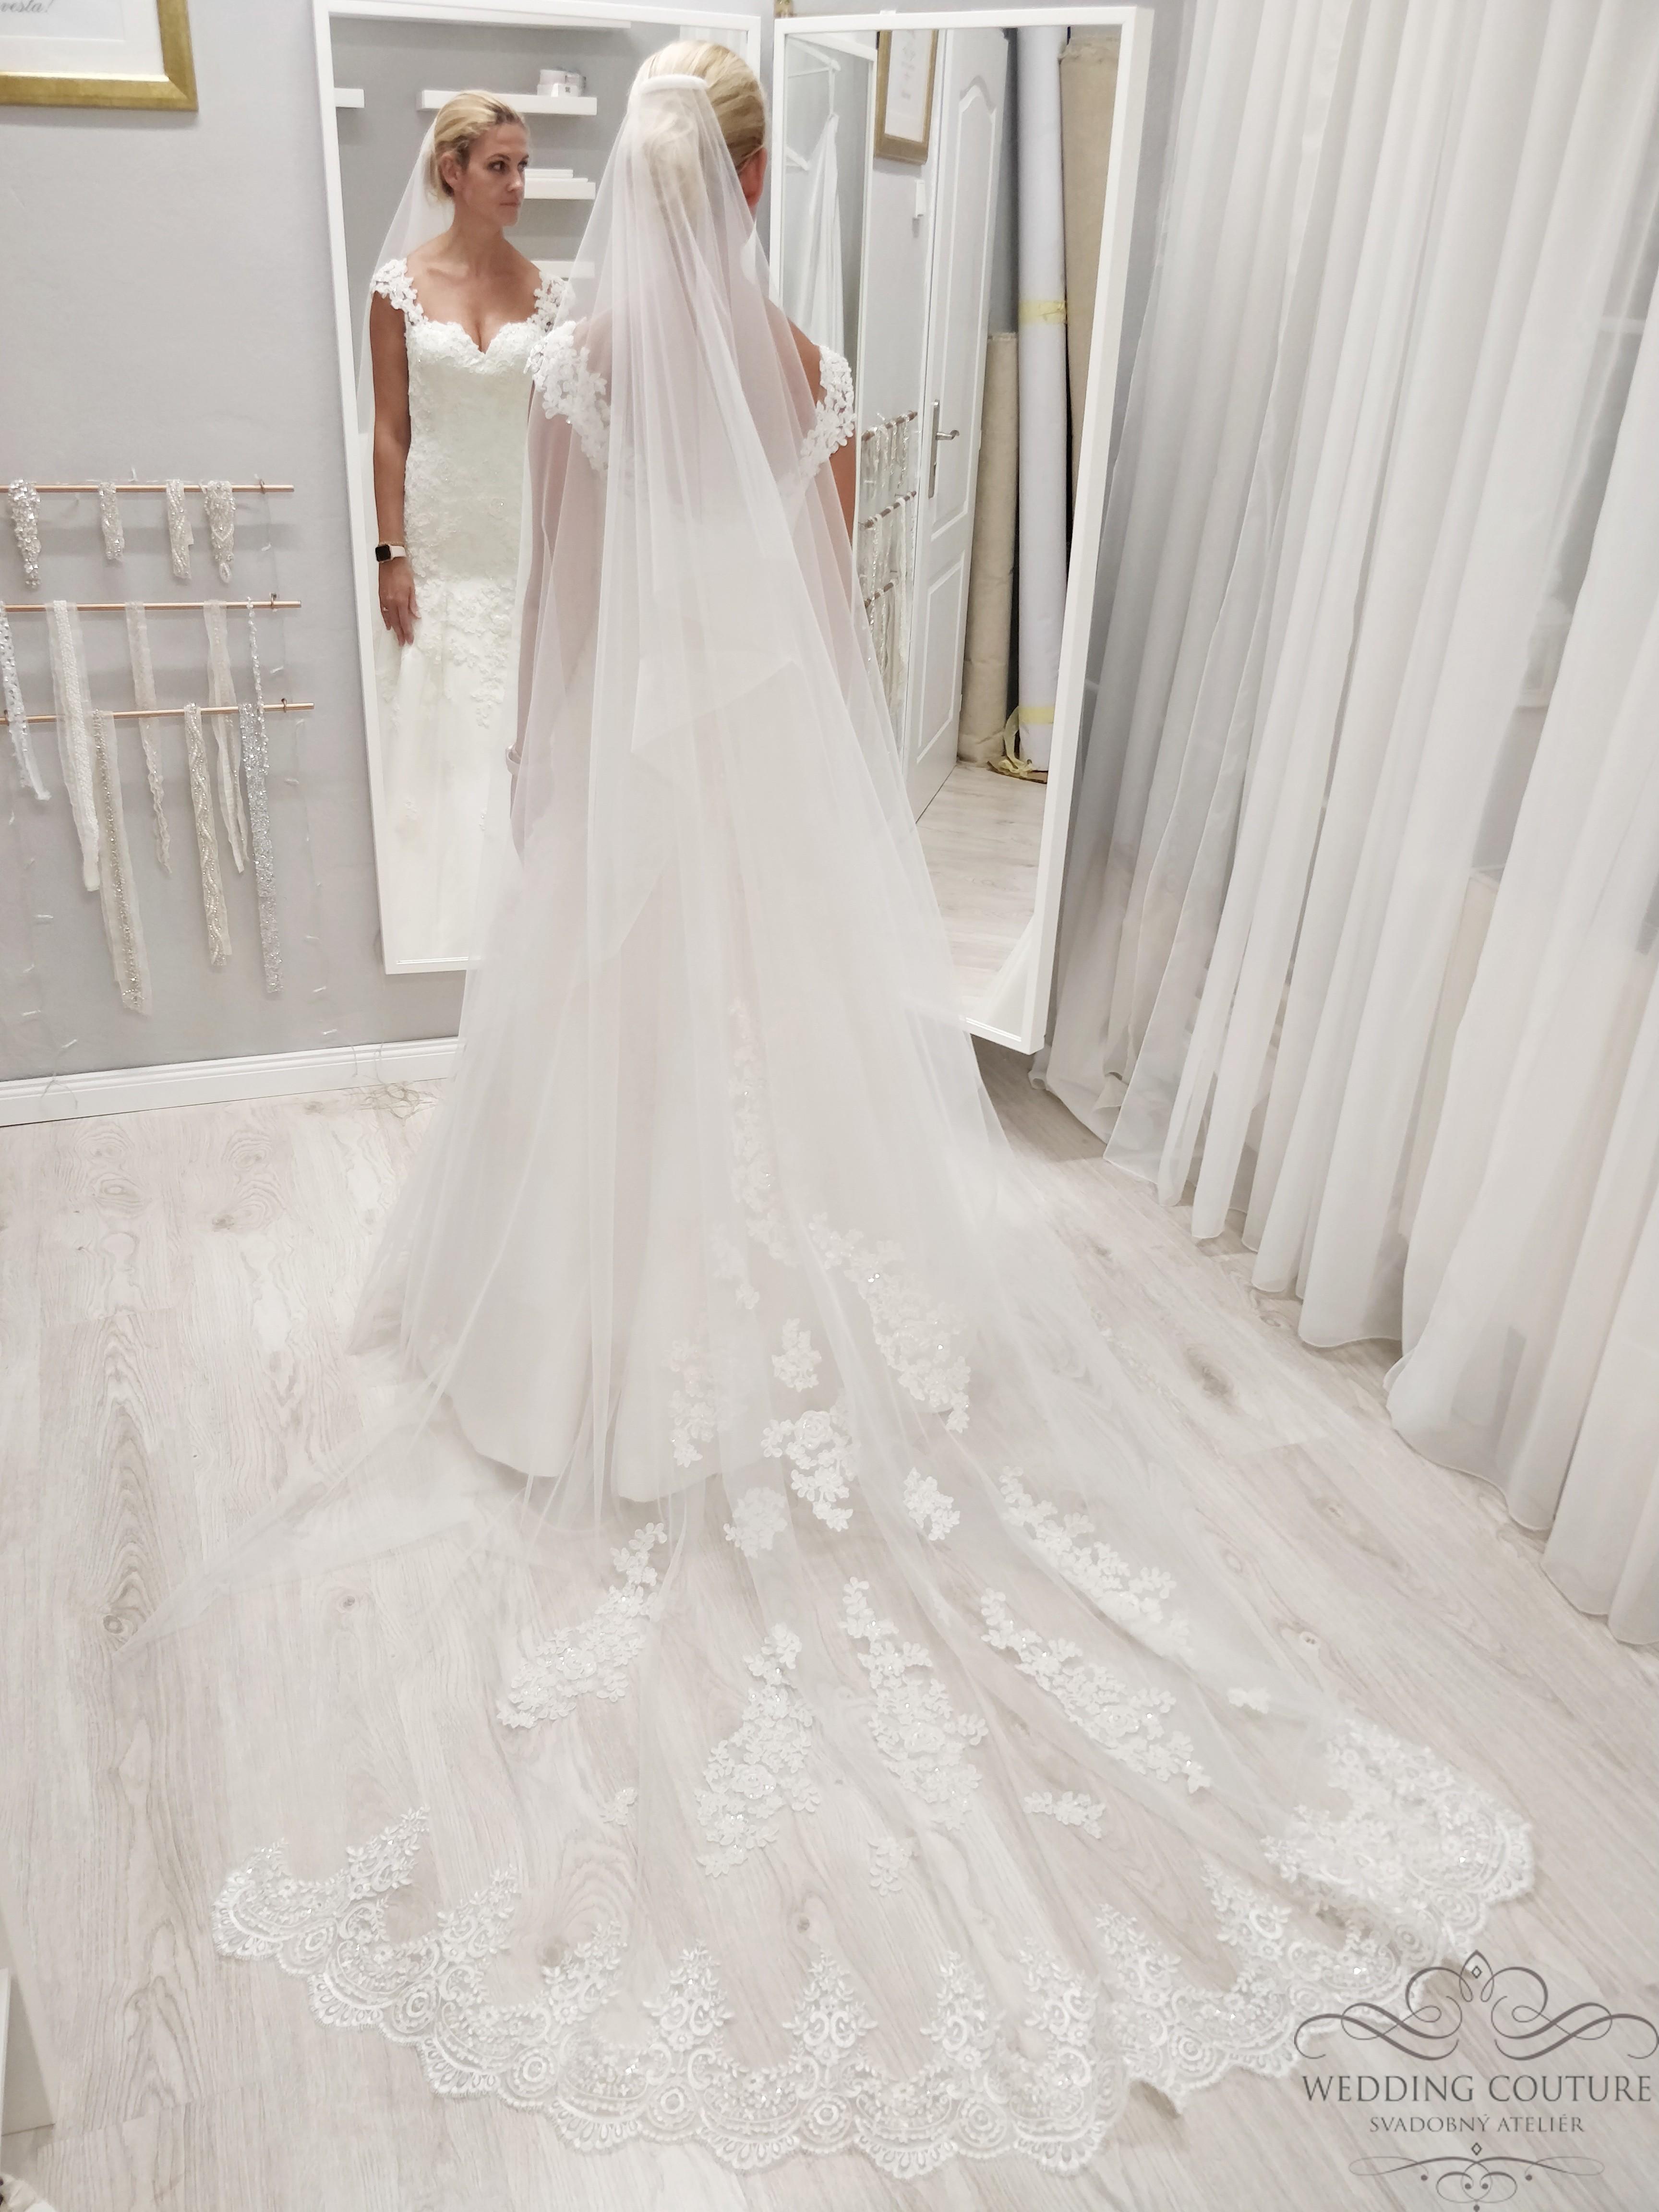 9f4c1e9f1020 Každej budúcej neveste by som Wedding couture ateliér odporúčala a obrovské  ďakujem z celého srdca odo mňa a aj manžela. Ďakujeme za náš rozprávkový  deň.